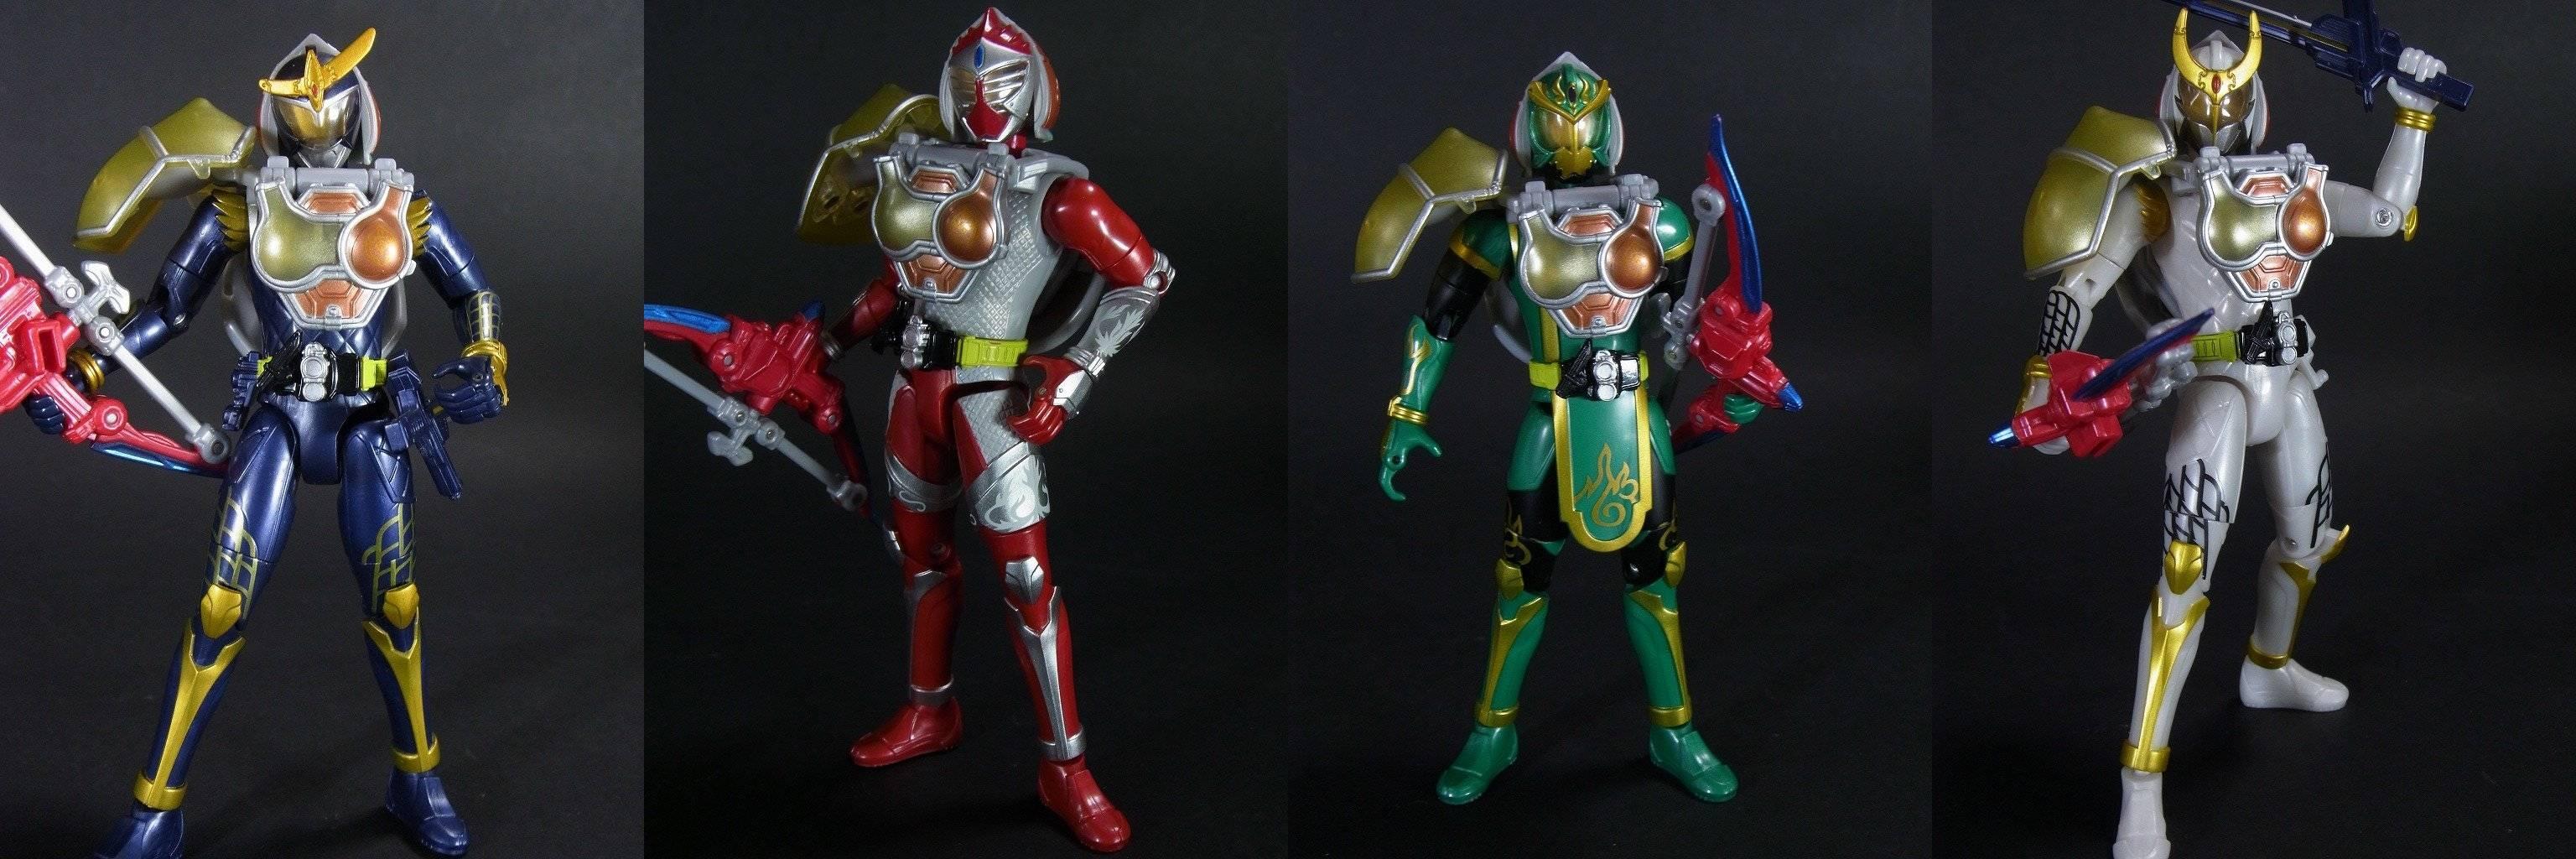 仮面ライダー鎧武ピーチエナジーアームズ